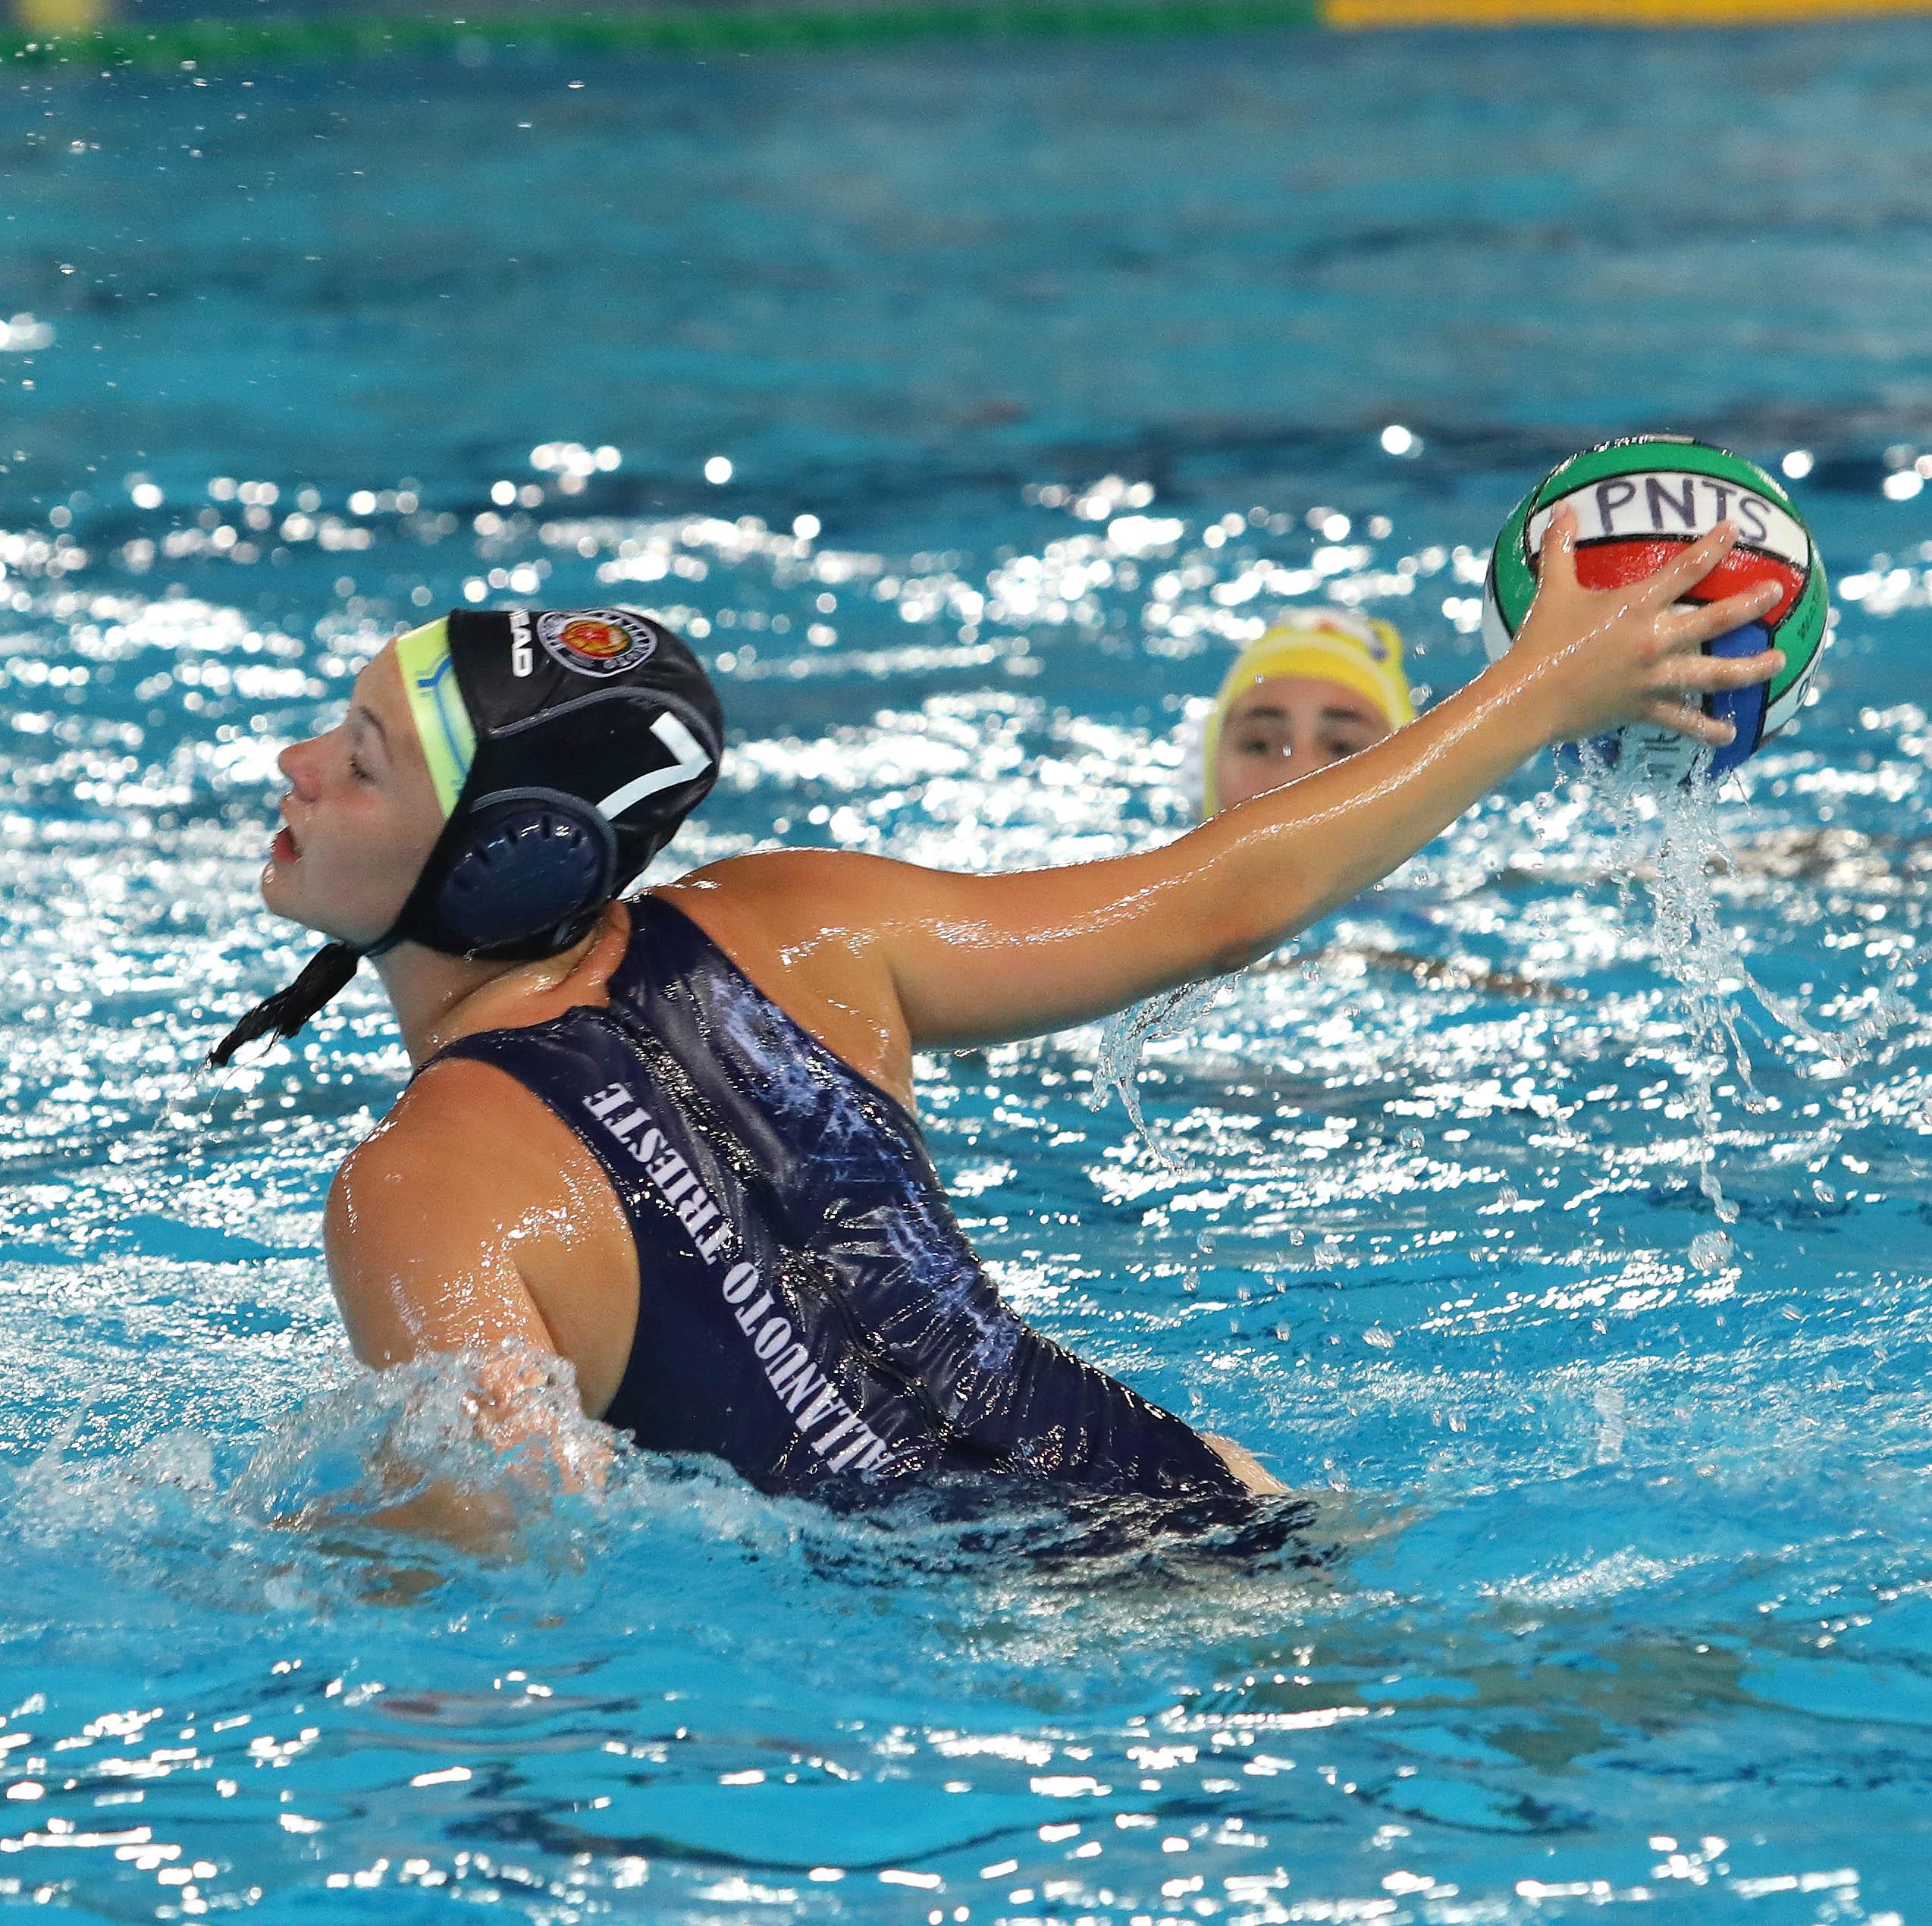 Under 17 femminile: finali scudetto, la Pallanuoto Trieste batte l'Orizzonte Catania (7-10) e passa come prima del girone